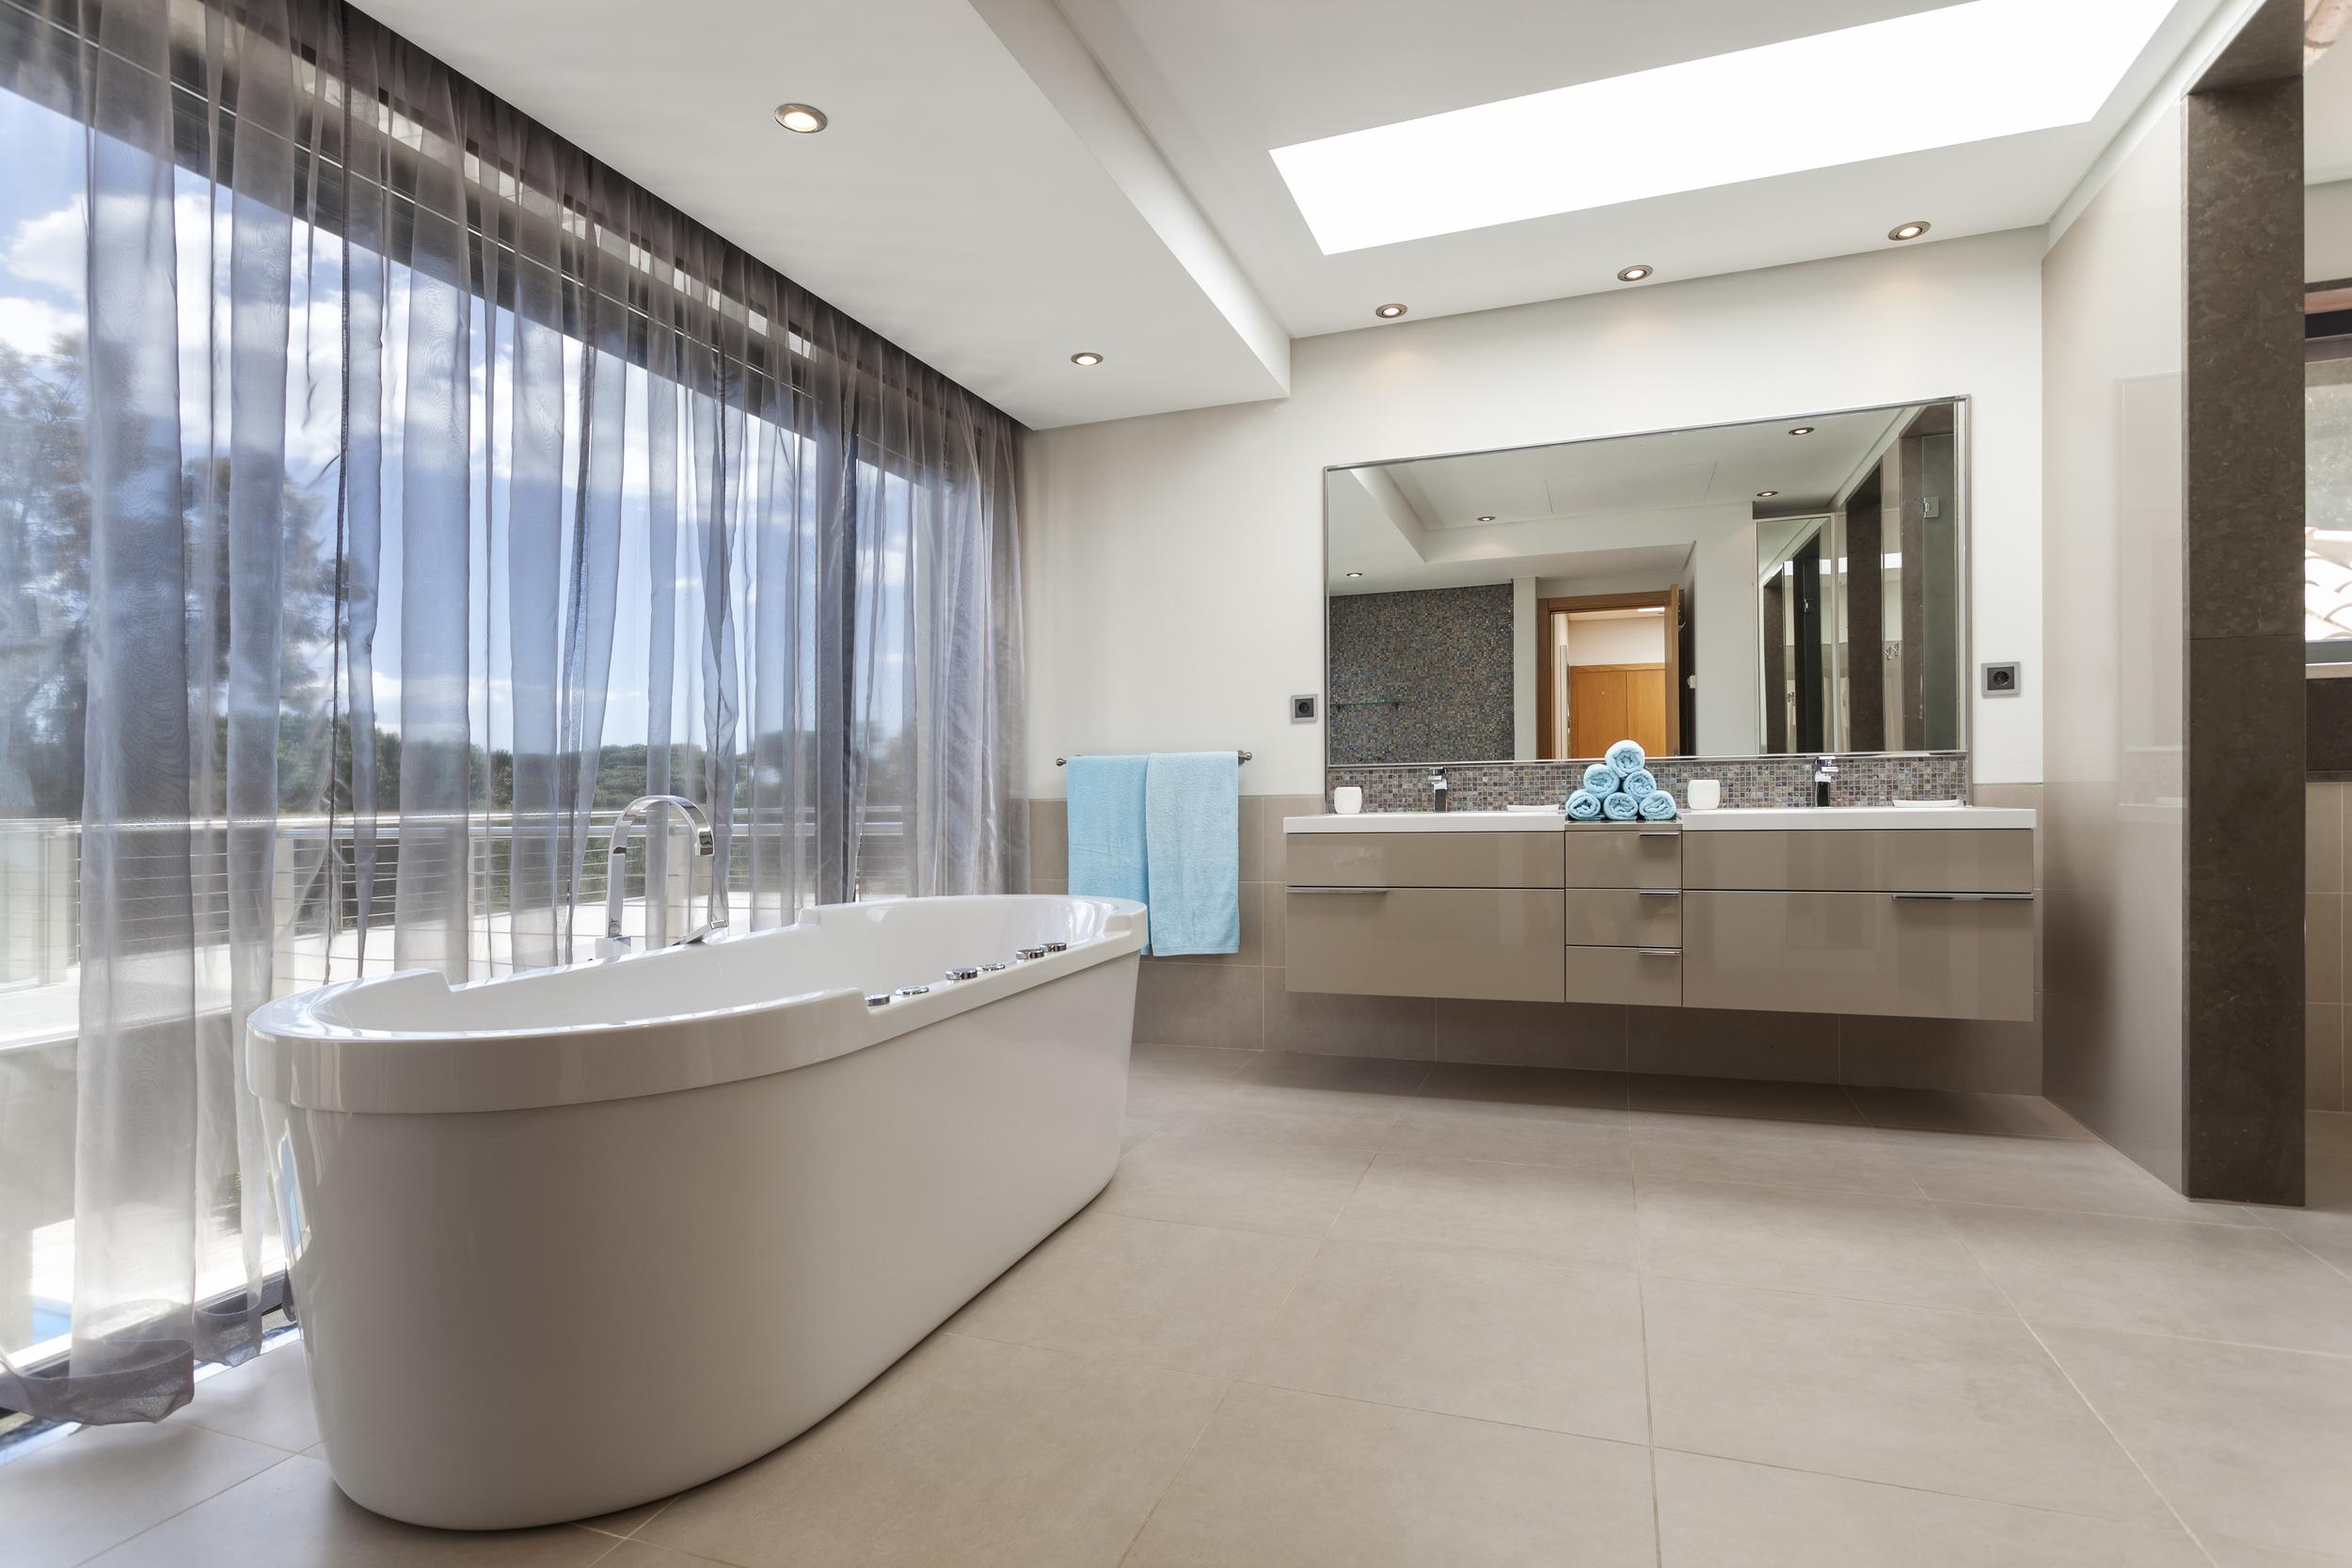 4 bedroom villa to rent in Quinta do Lago, RLV, Villa Serpentine,19.jpg